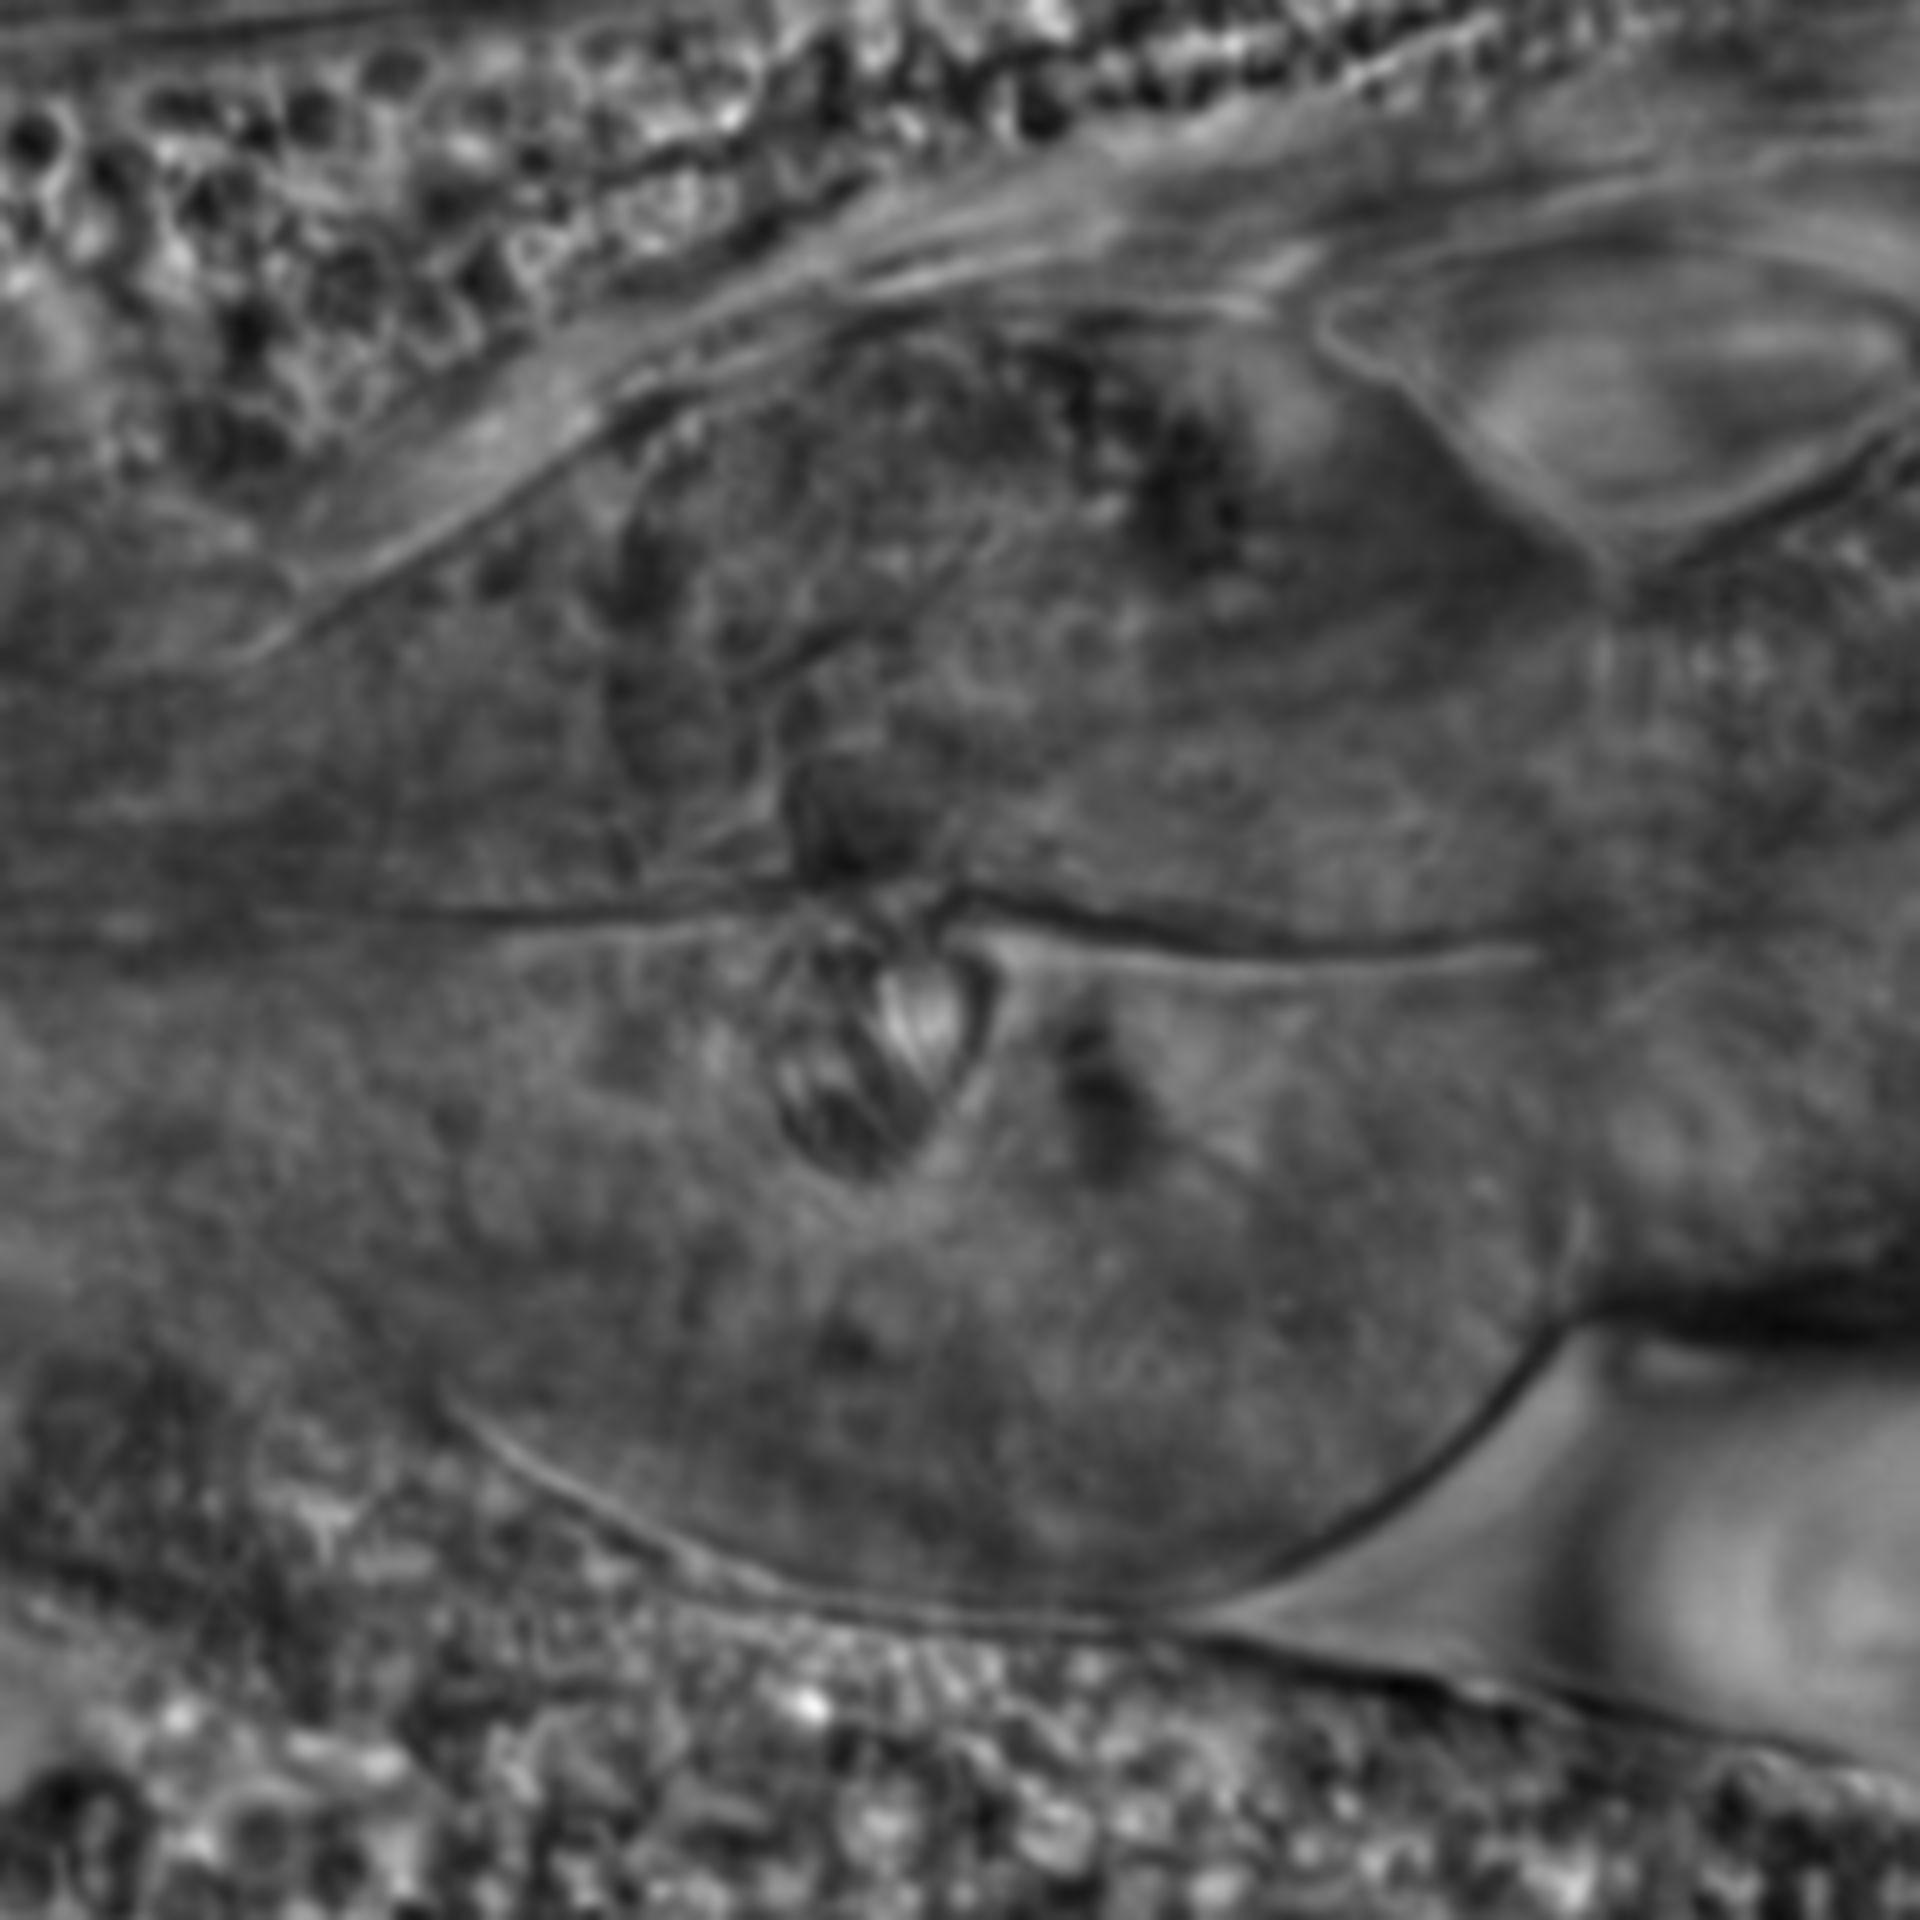 Caenorhabditis elegans - CIL:1932